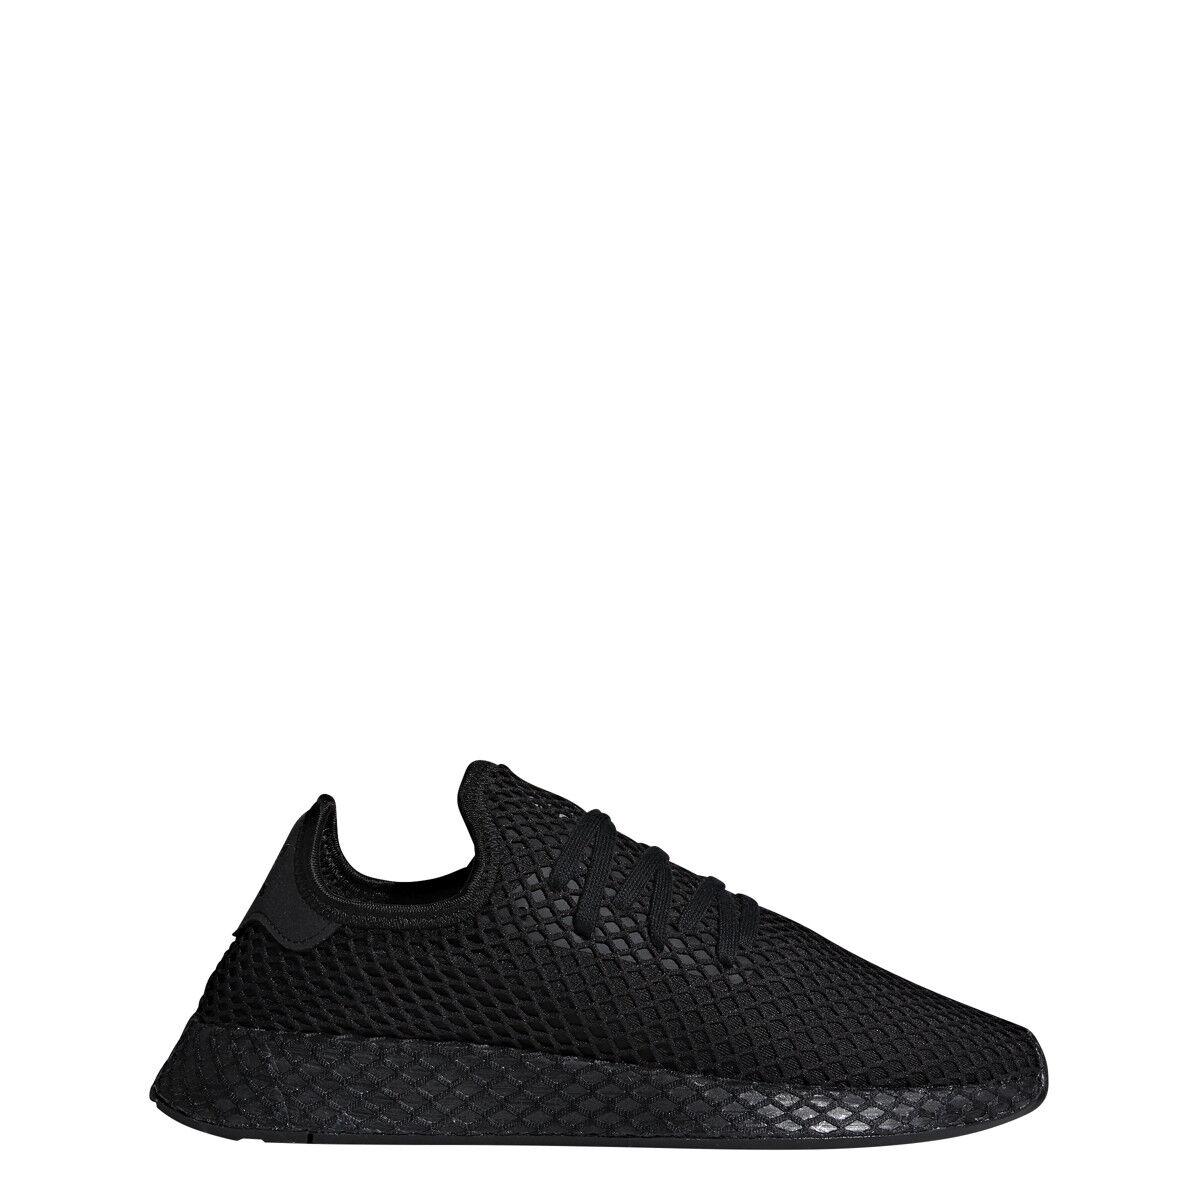 Adidas mens deerupt schwarz / - schwarz / weißen läufer - / b41768 aa6f86